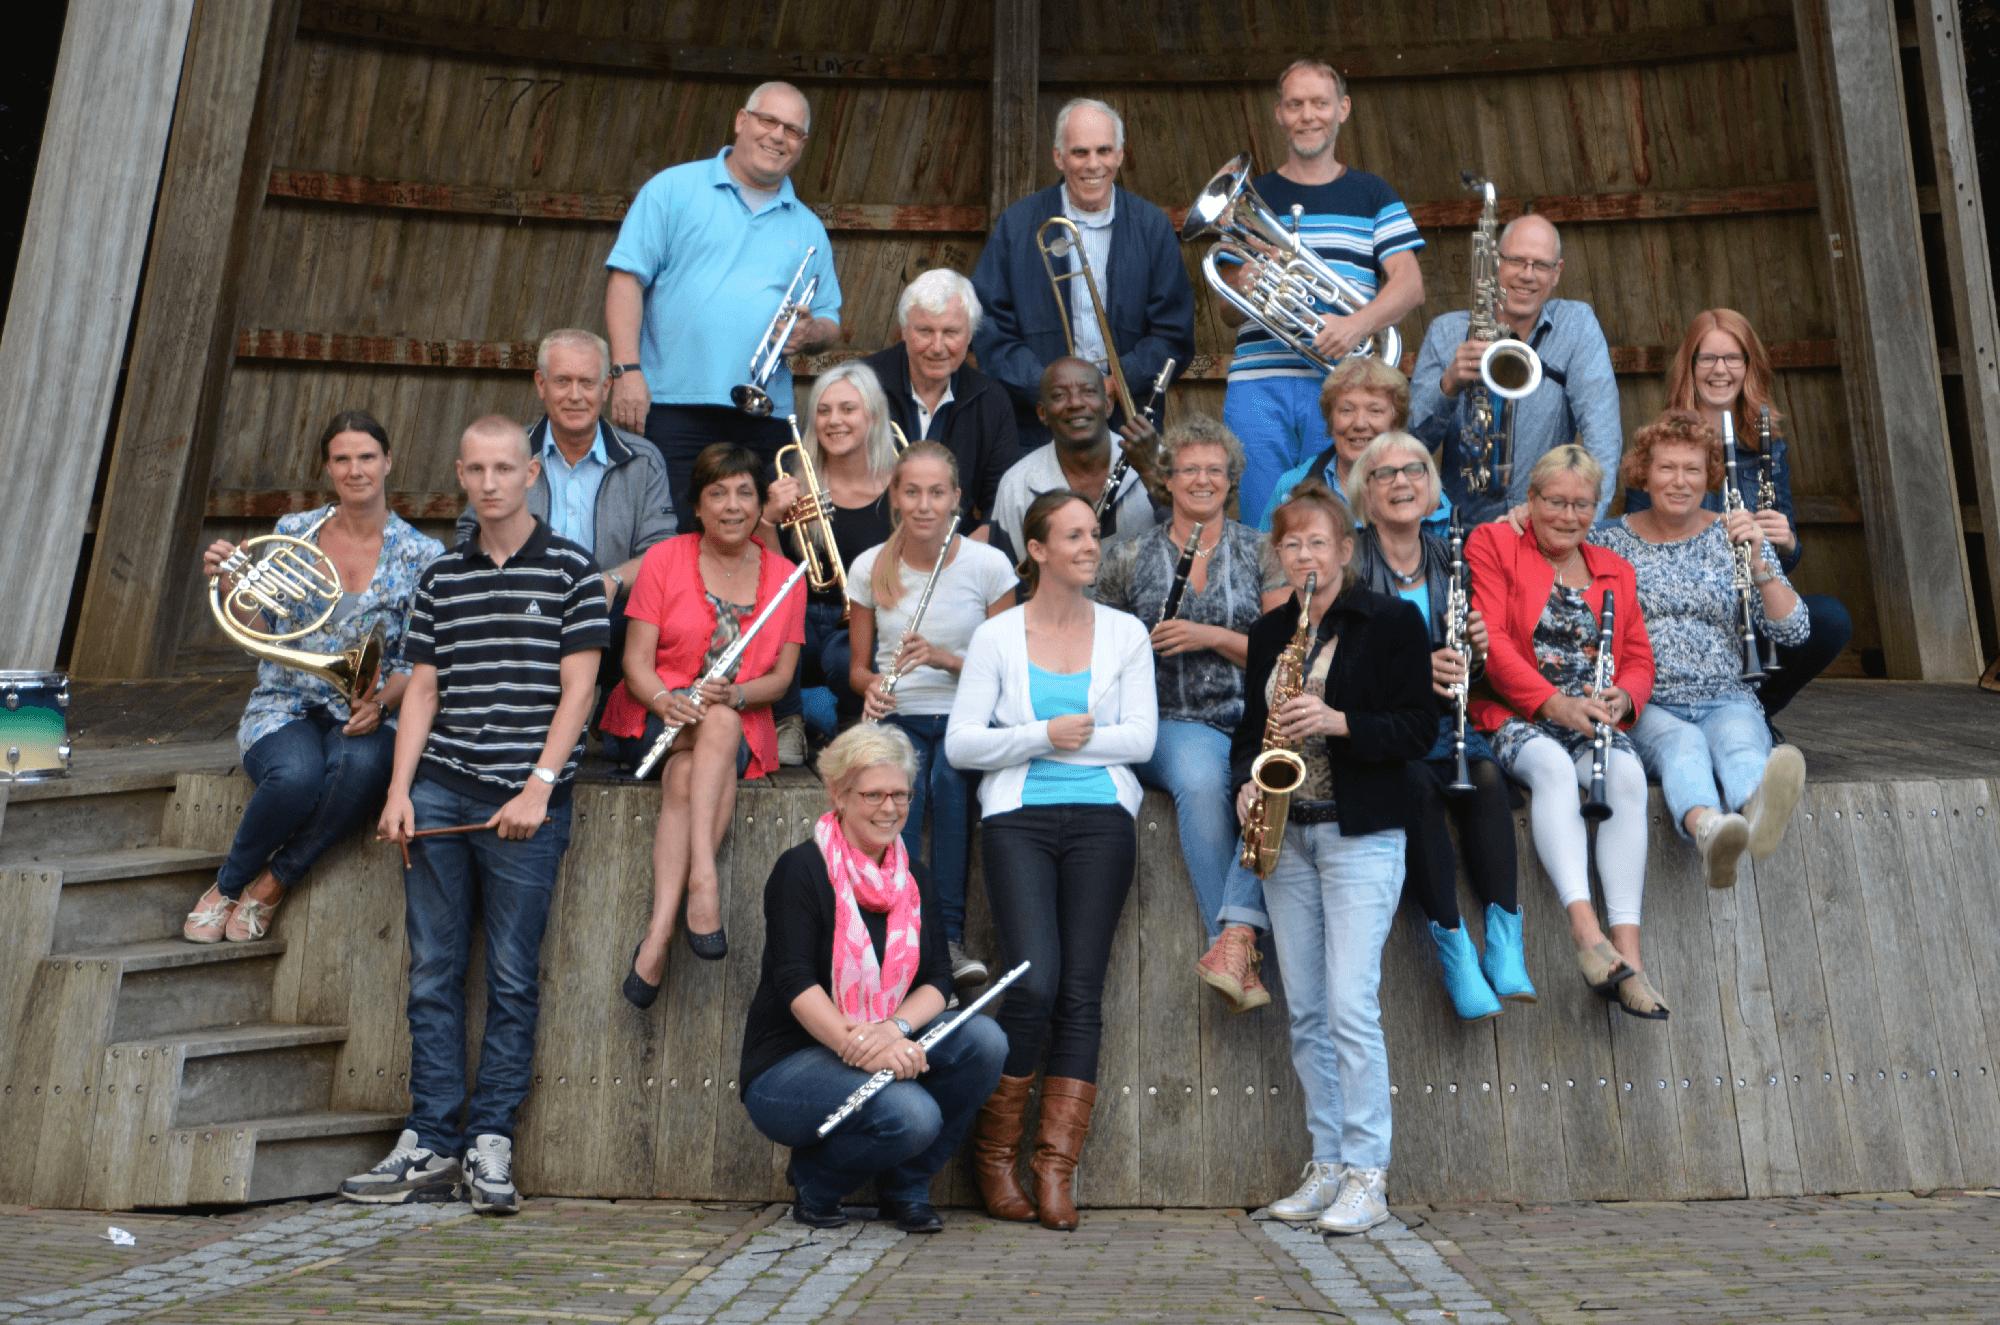 Jubileumconcert en nieuwe Drentse liedjes door Eendracht Assen